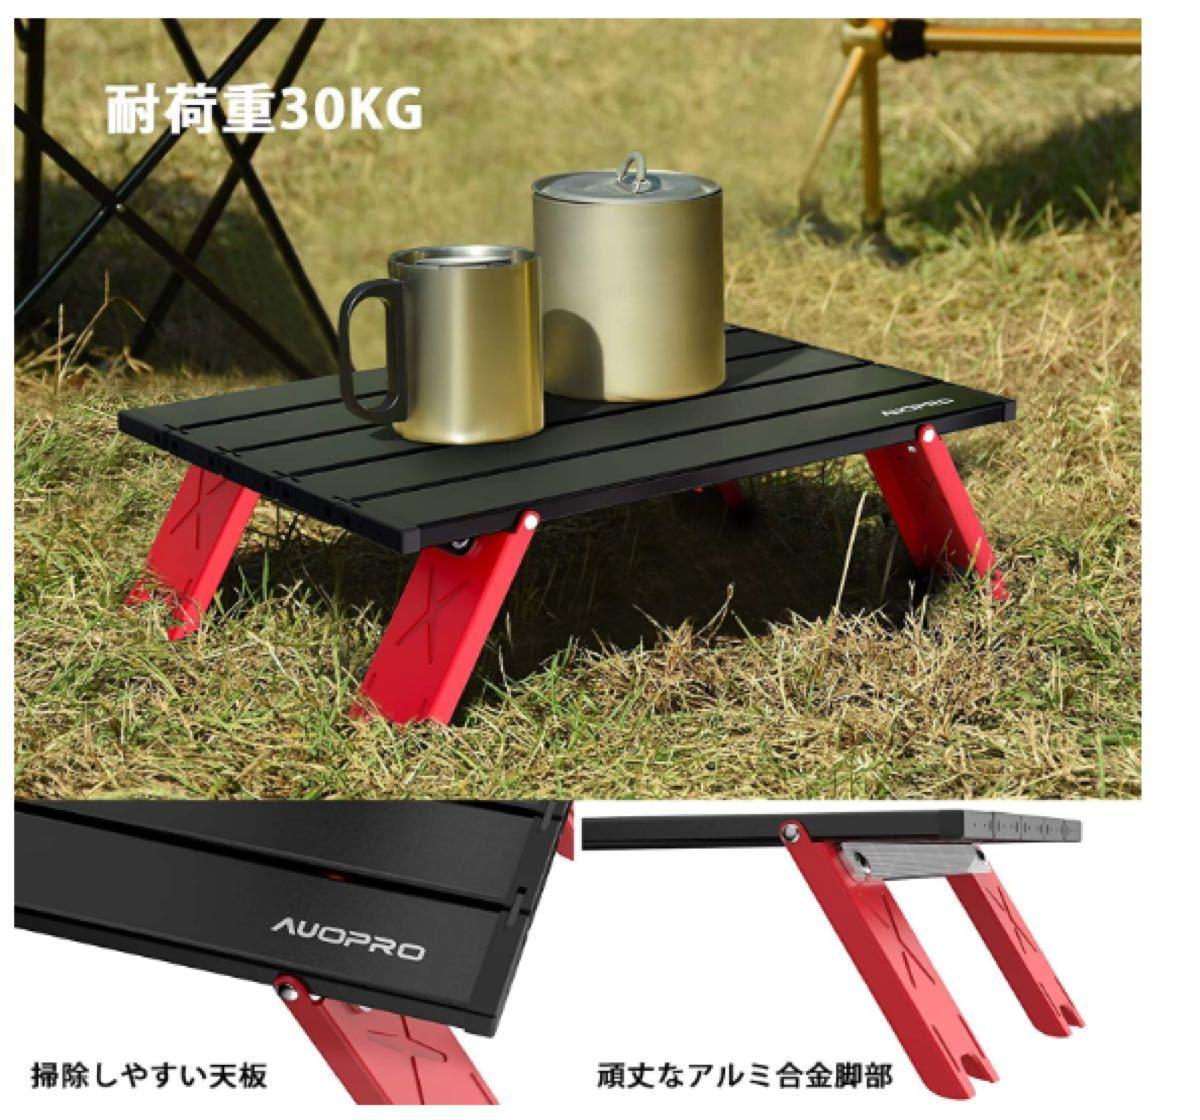 キャンプテーブル アルミロールテーブル 折りたたみ式